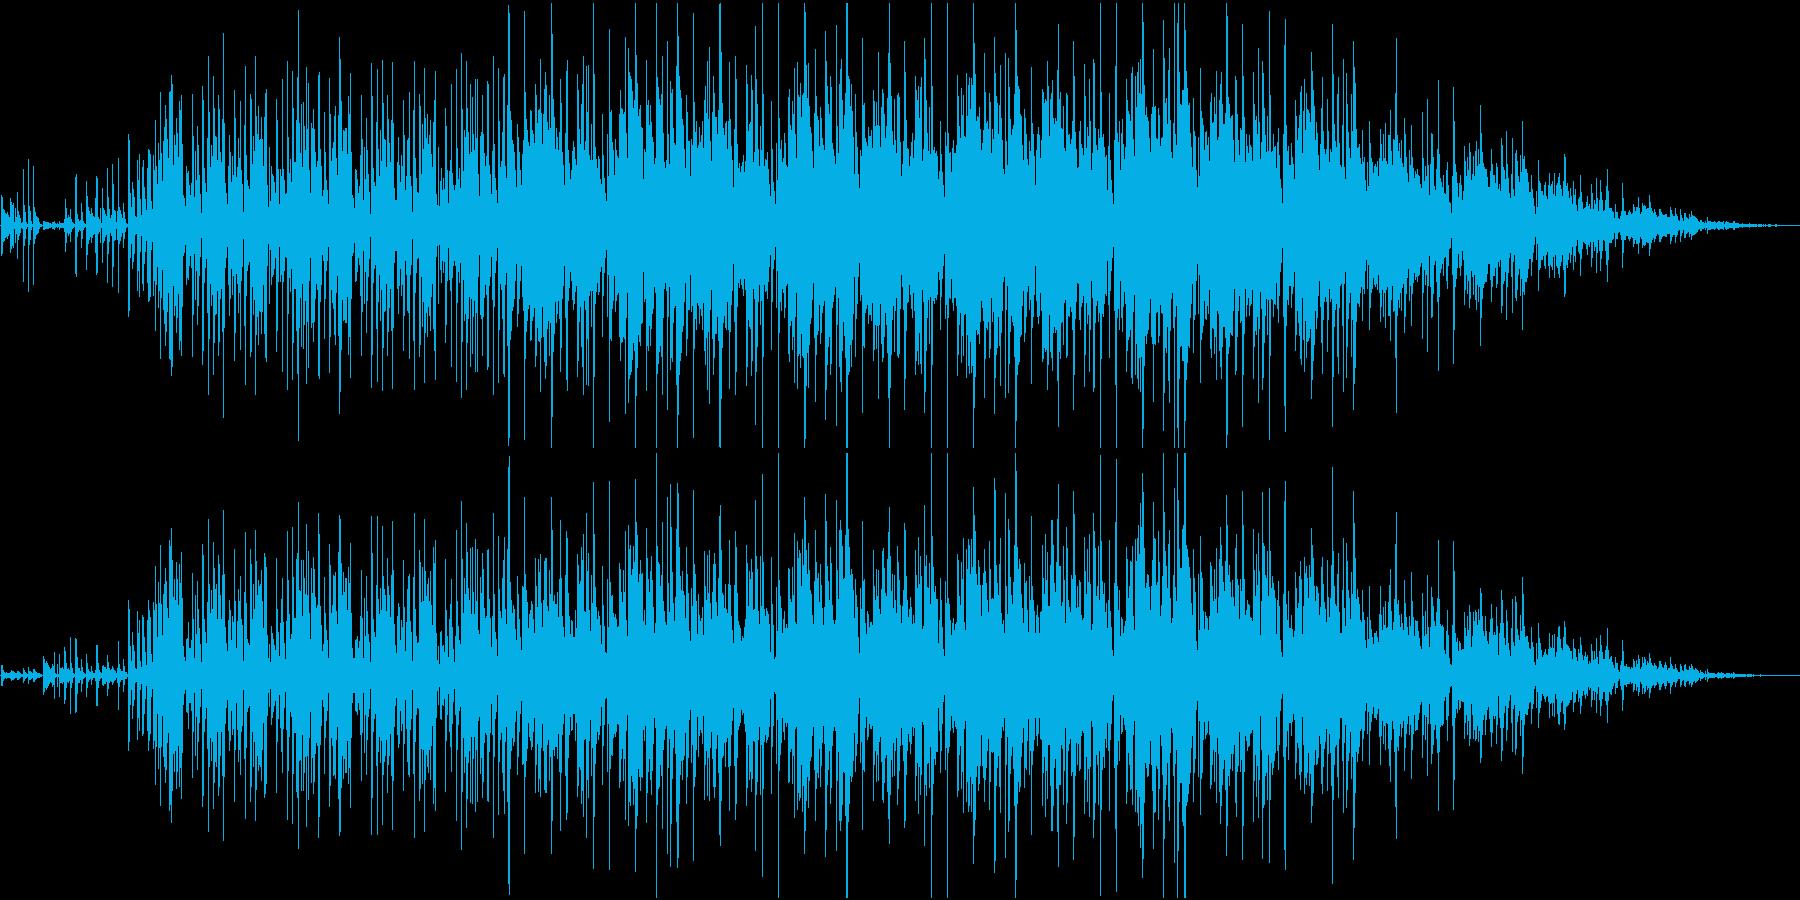 ギターカッティングが印象的なファンク音楽の再生済みの波形